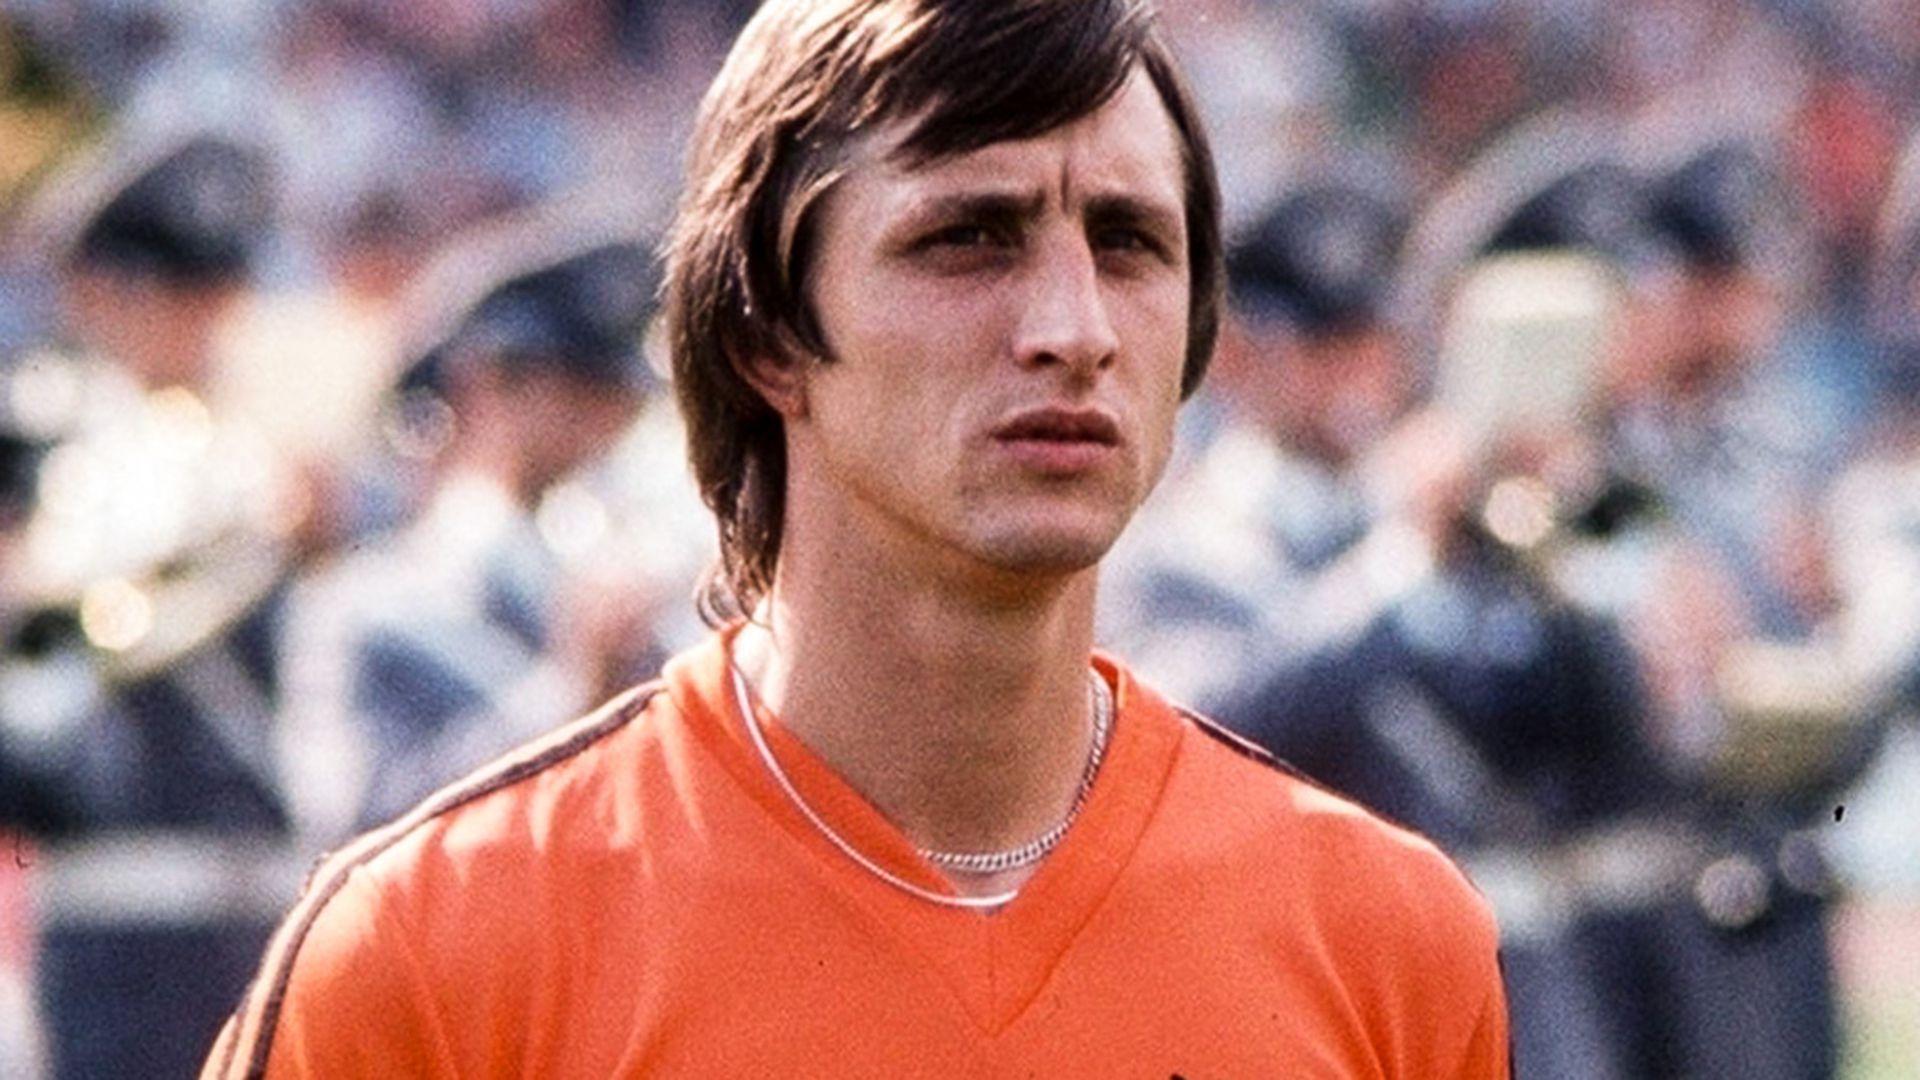 Mitos y verdades sobre la ausencia de Johan Cruyff en el Mundial 78 (AP)